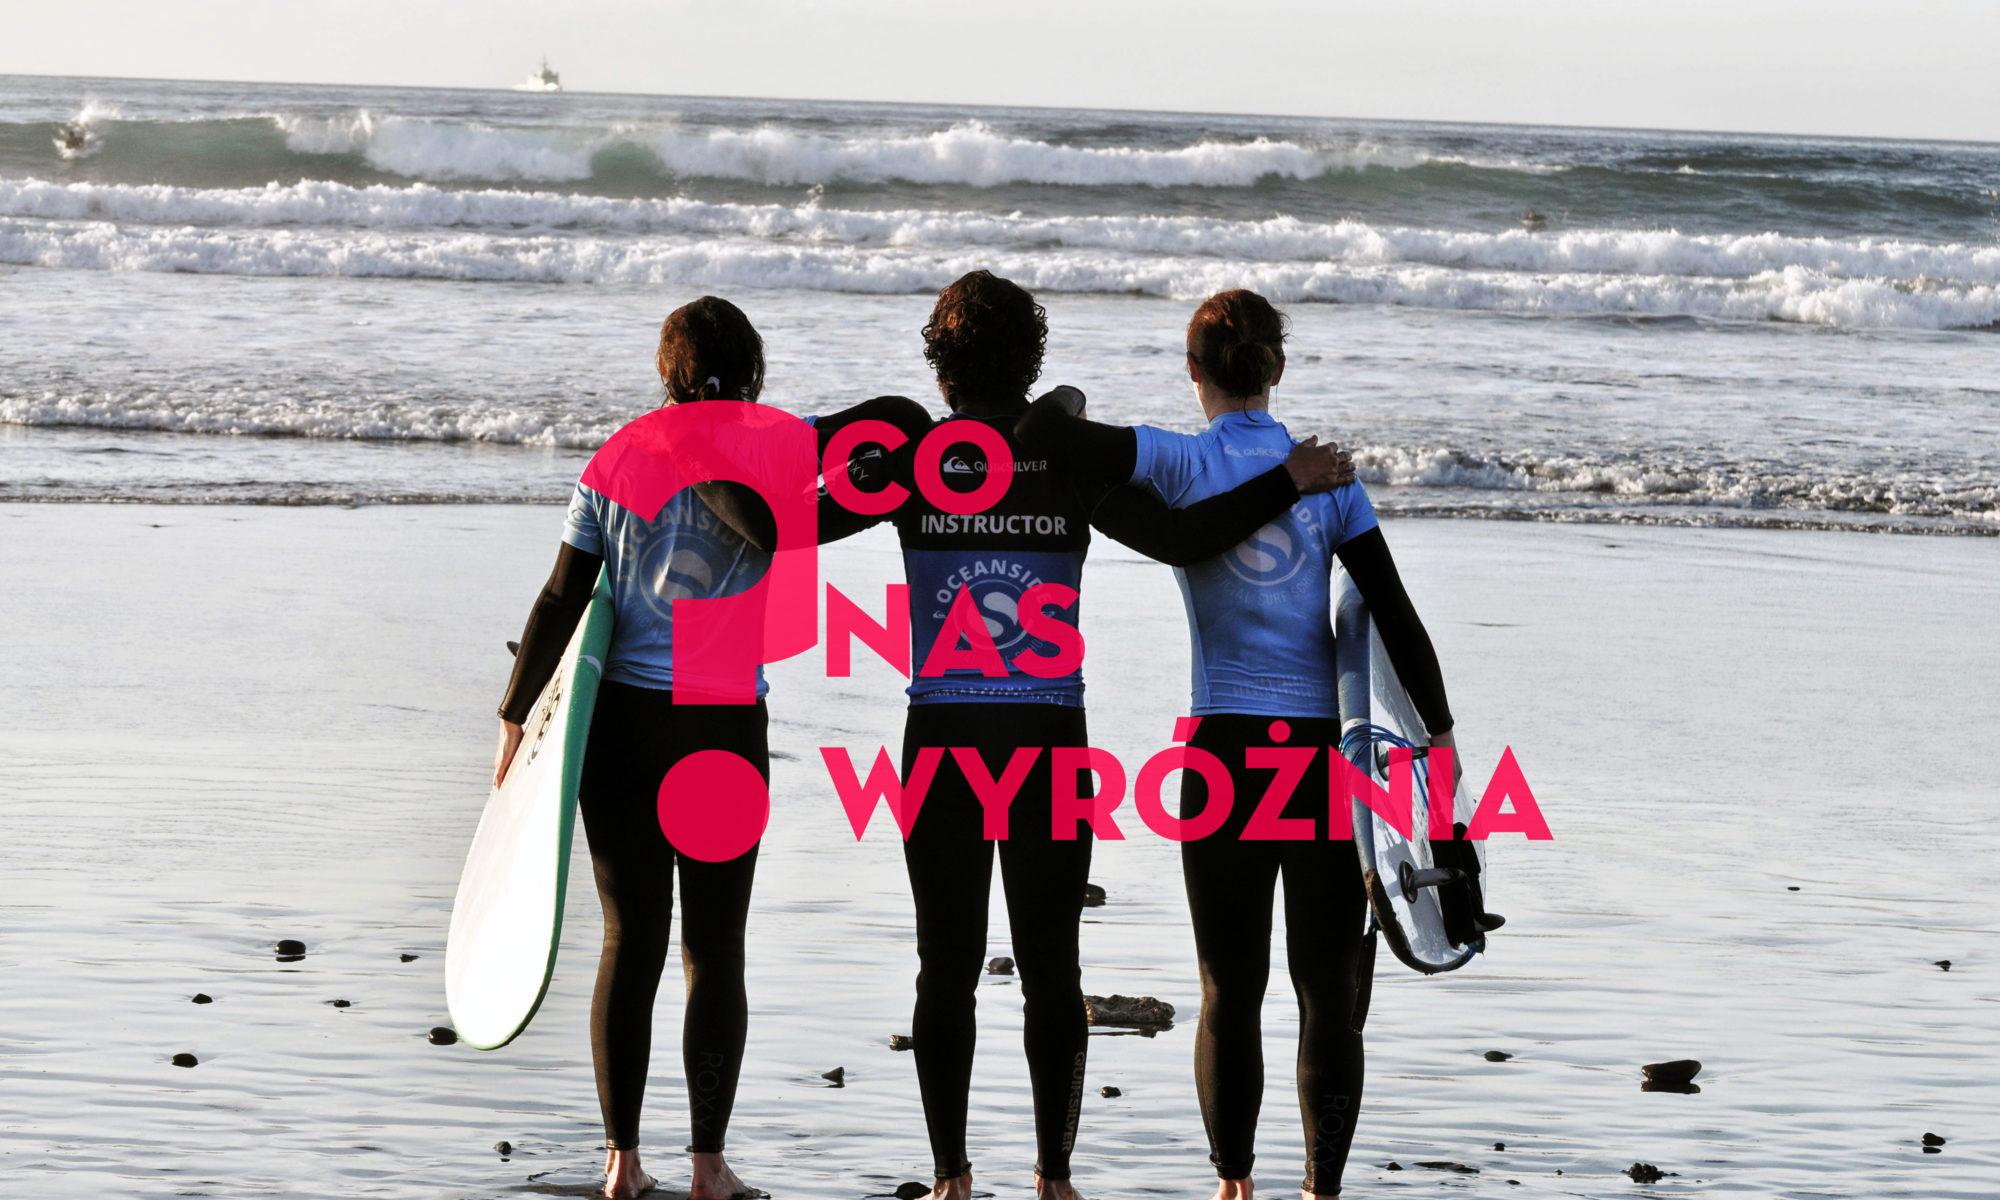 Wyjątkowe wyjazdy surfingowe